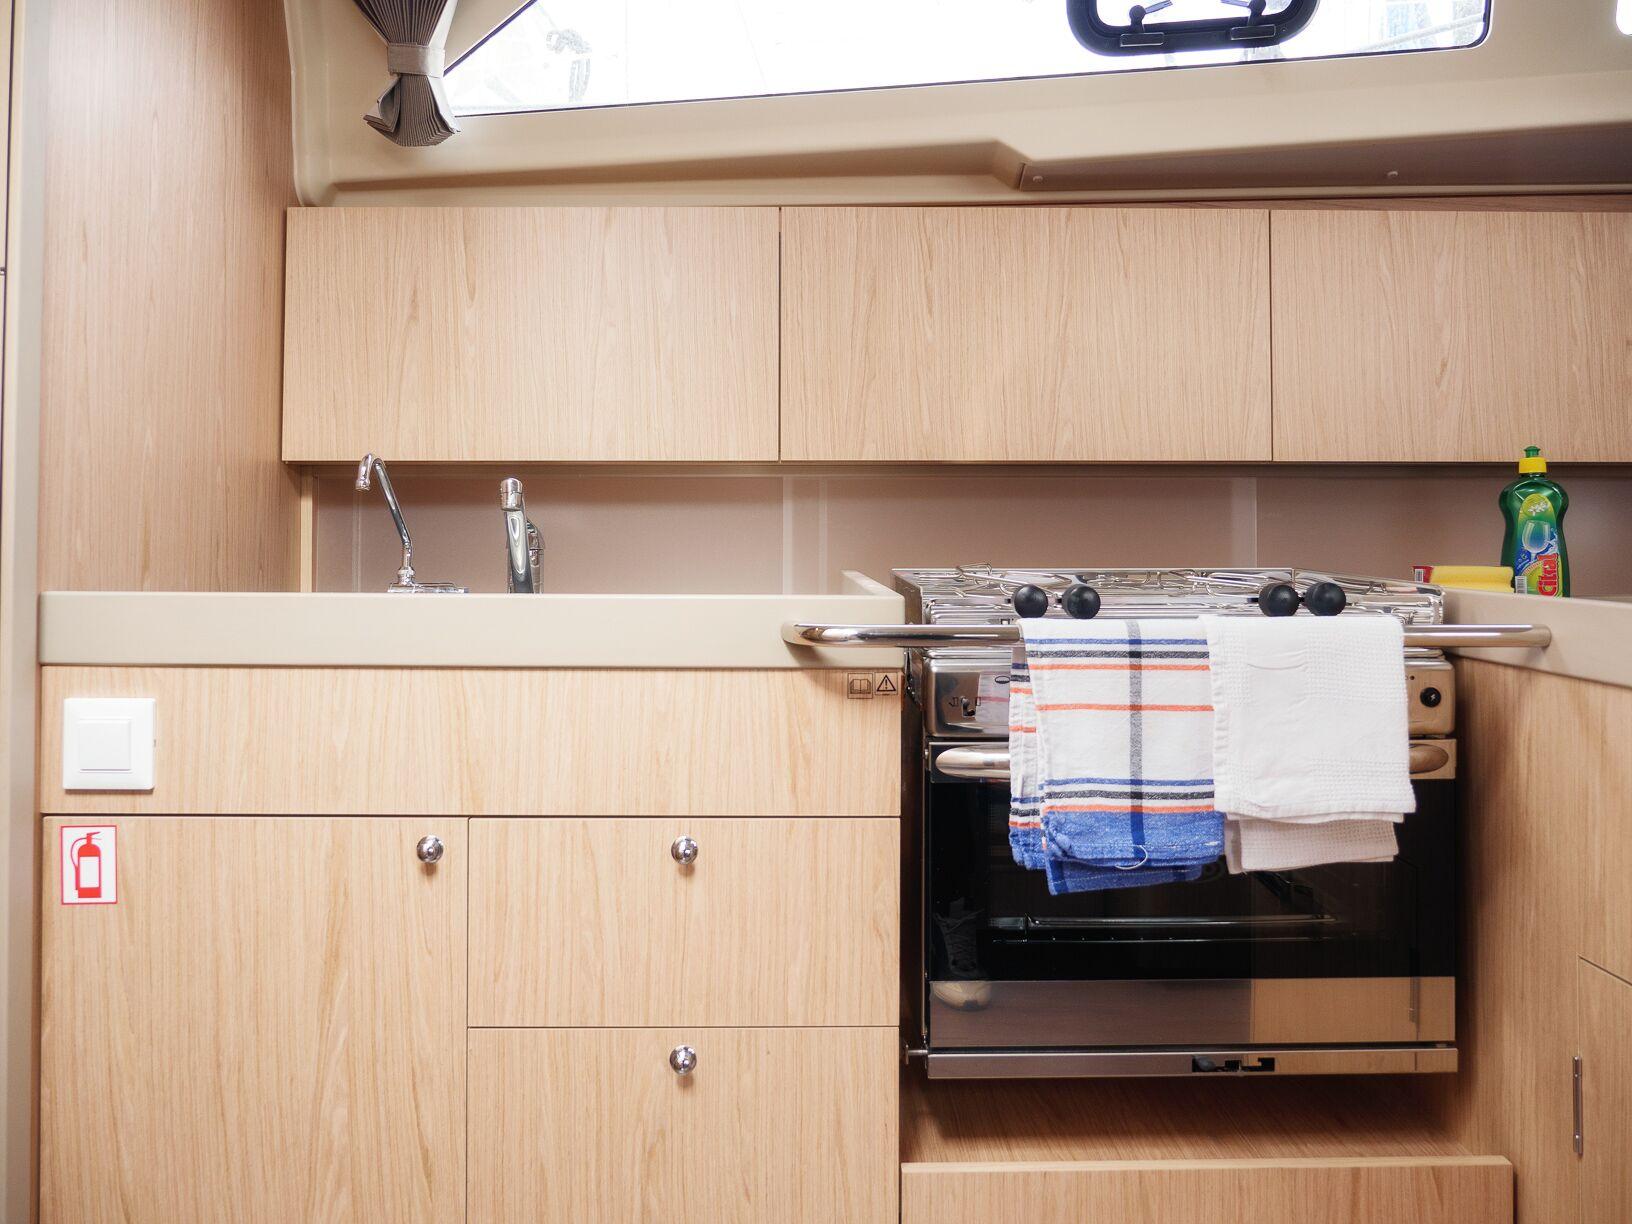 Oceanis 41.1 (GOA) Interior - kitchen (photo taken 2019) - 4